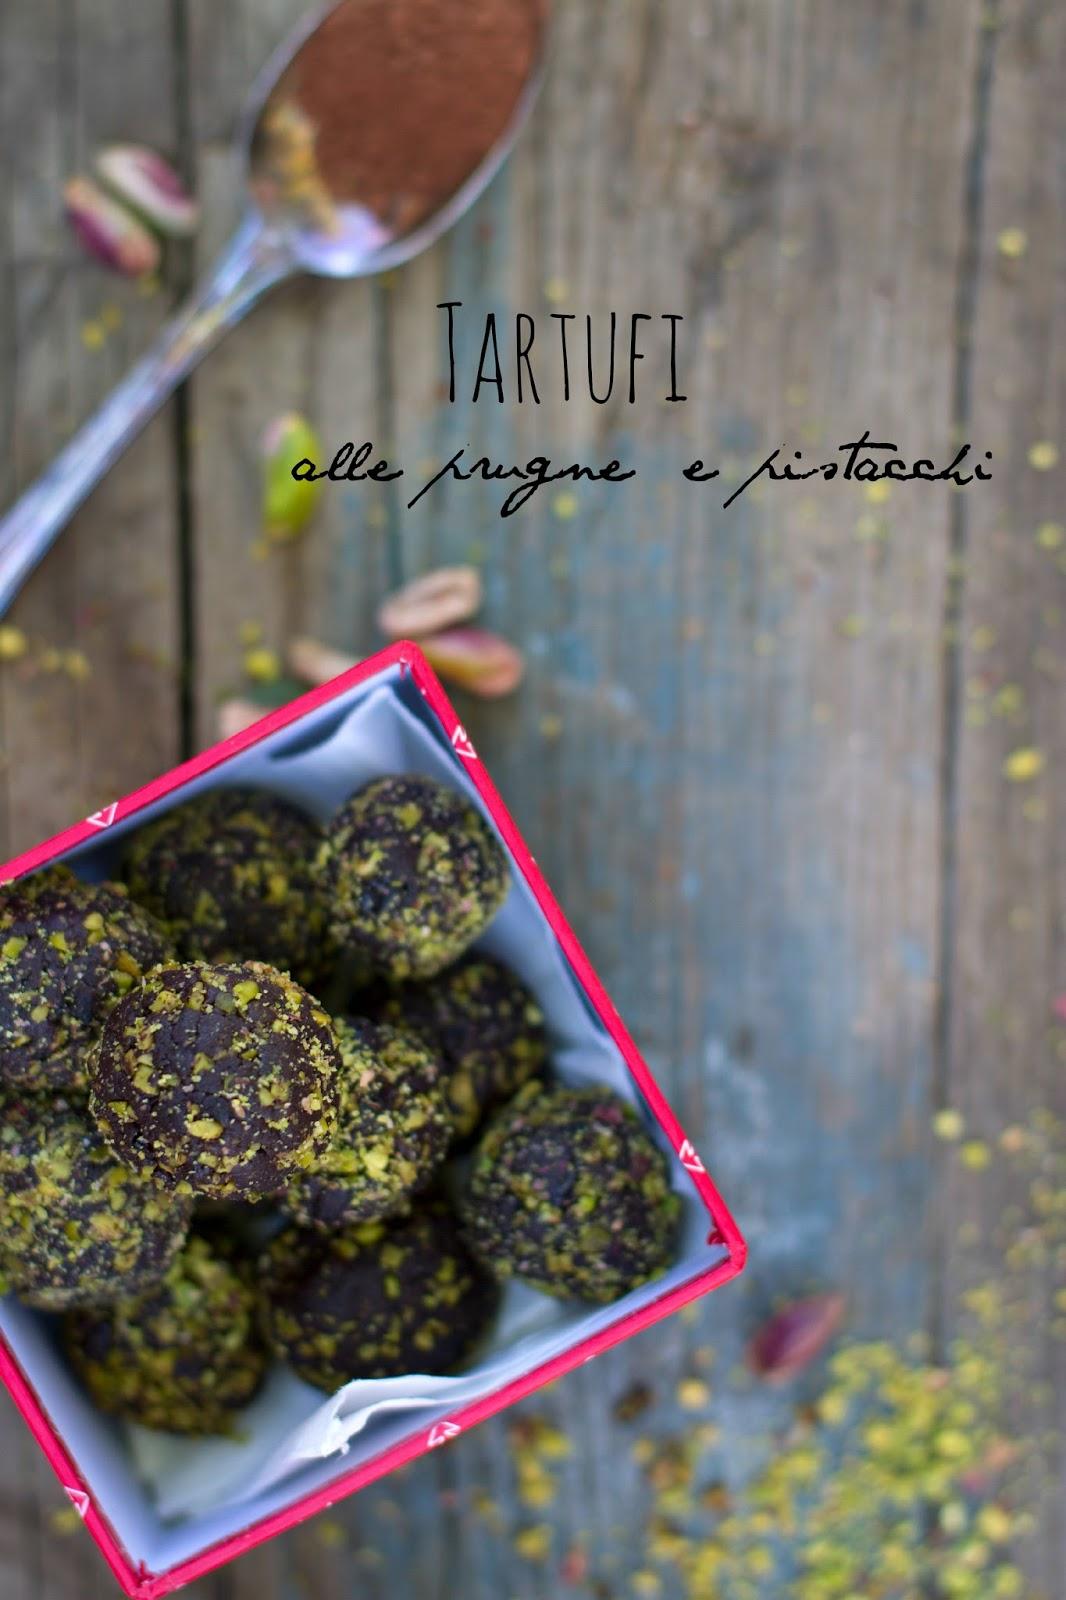 tartufi alle prugne e pistacchio .......e il nuovo numero di threef